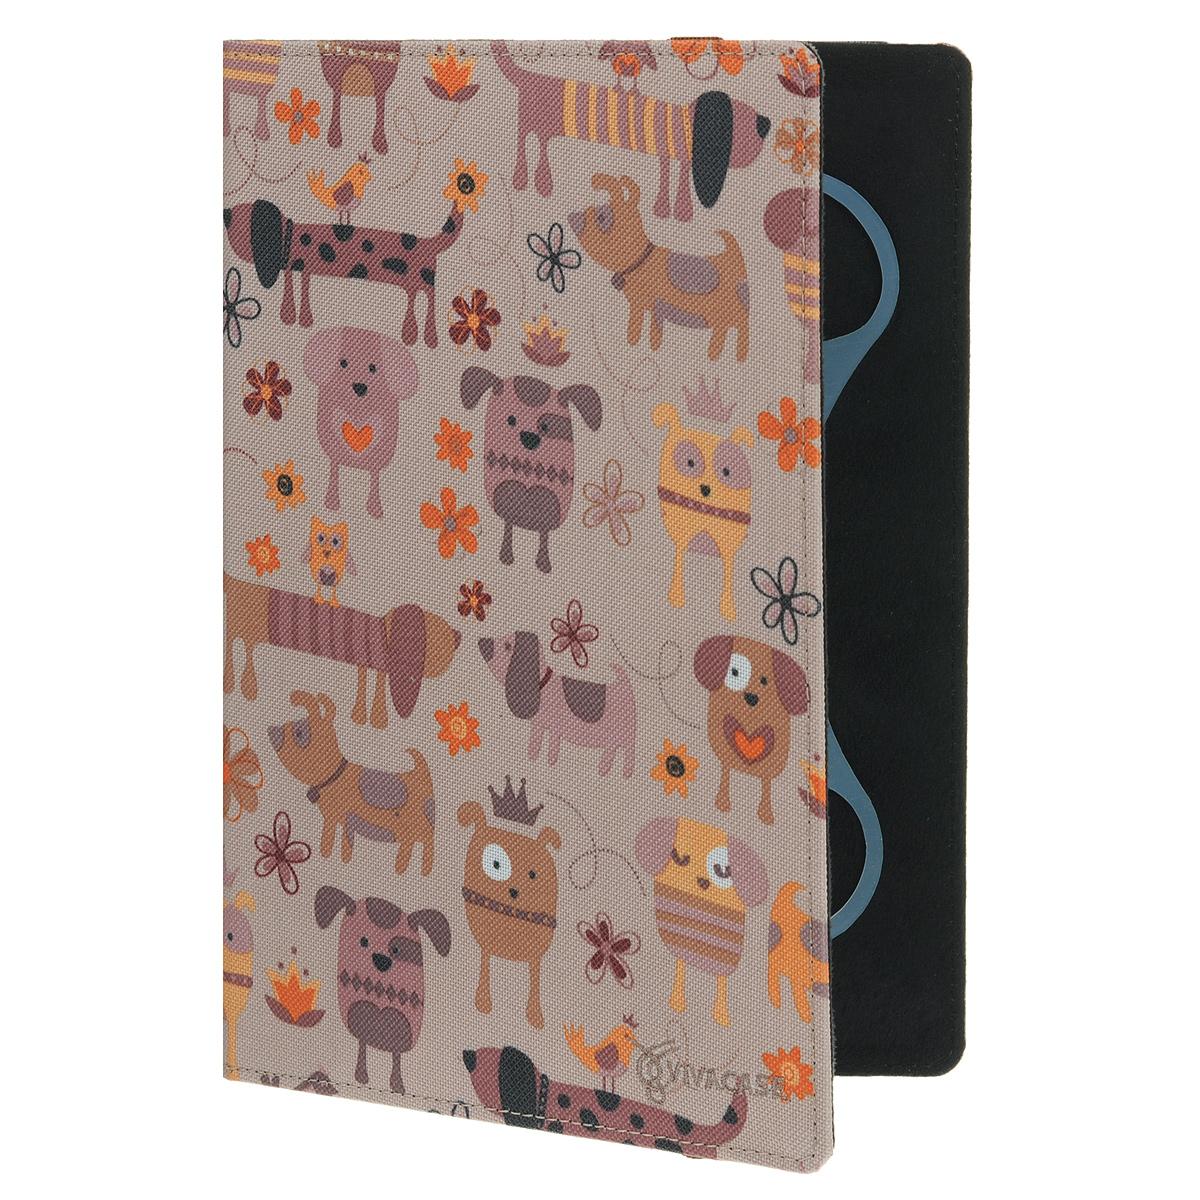 Vivacase Doggy чехол для планшетов 10 (VUC-CDG10)VUC-CDG10Чехол Viva Doggy для планшетов с диагональю 10 предназначен для защиты электронных устройств от механических повреждений и влаги.Крепление EVS позволяет надежно зафиксировать устройство.